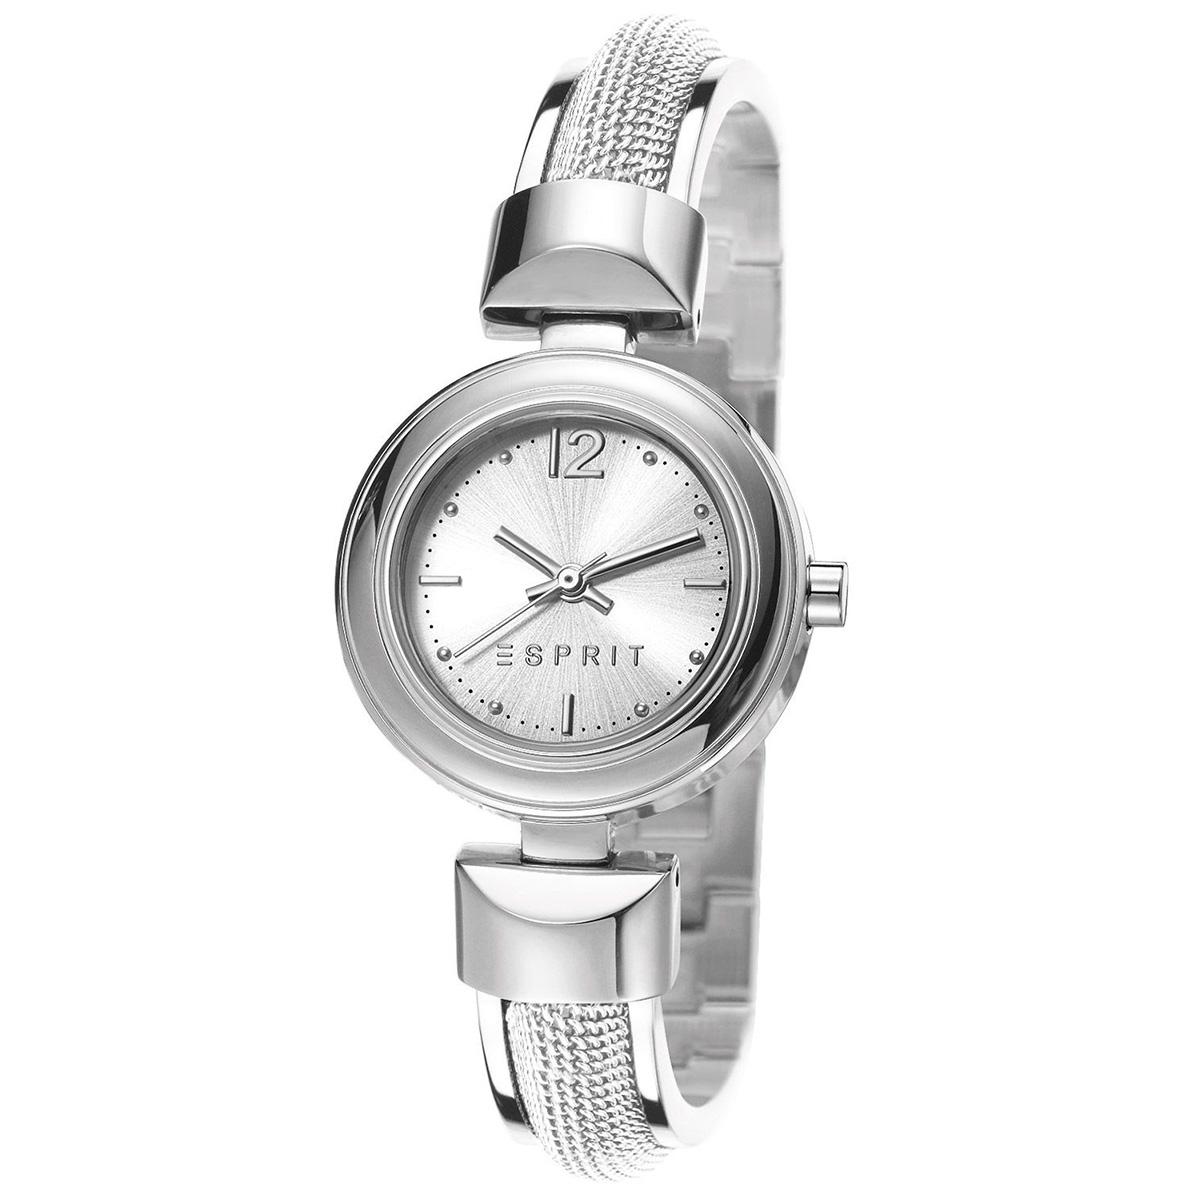 有纯正的盒子ESPRIT精神石英手表人[ES900772001]并进进口商品厂商保证24个月